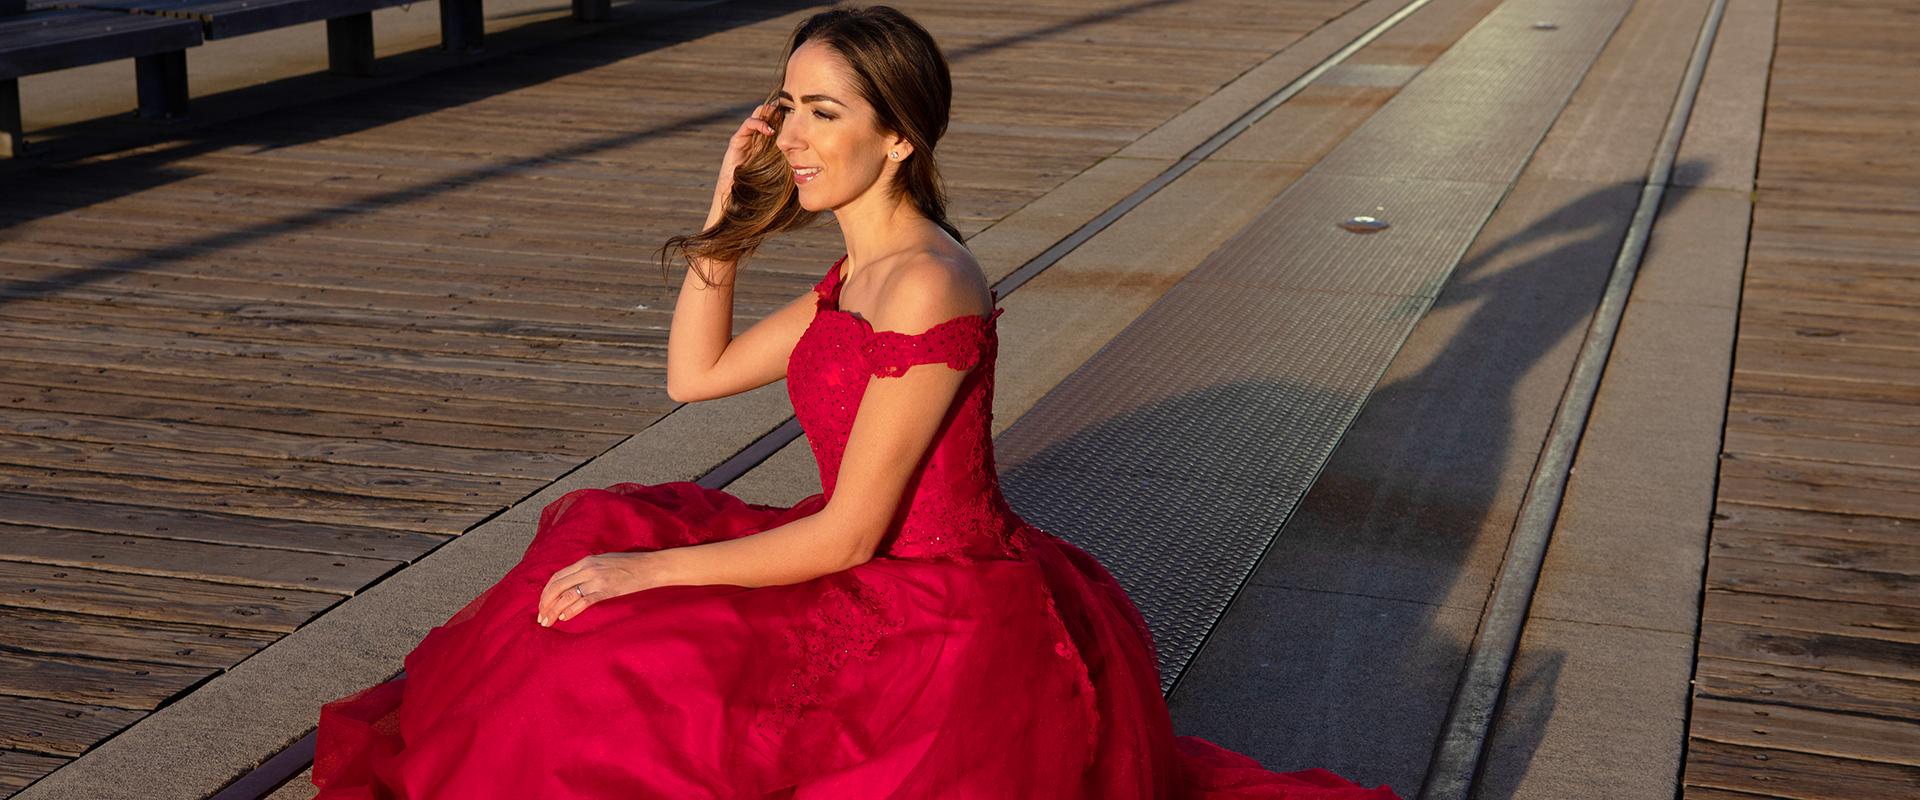 banner-reddress